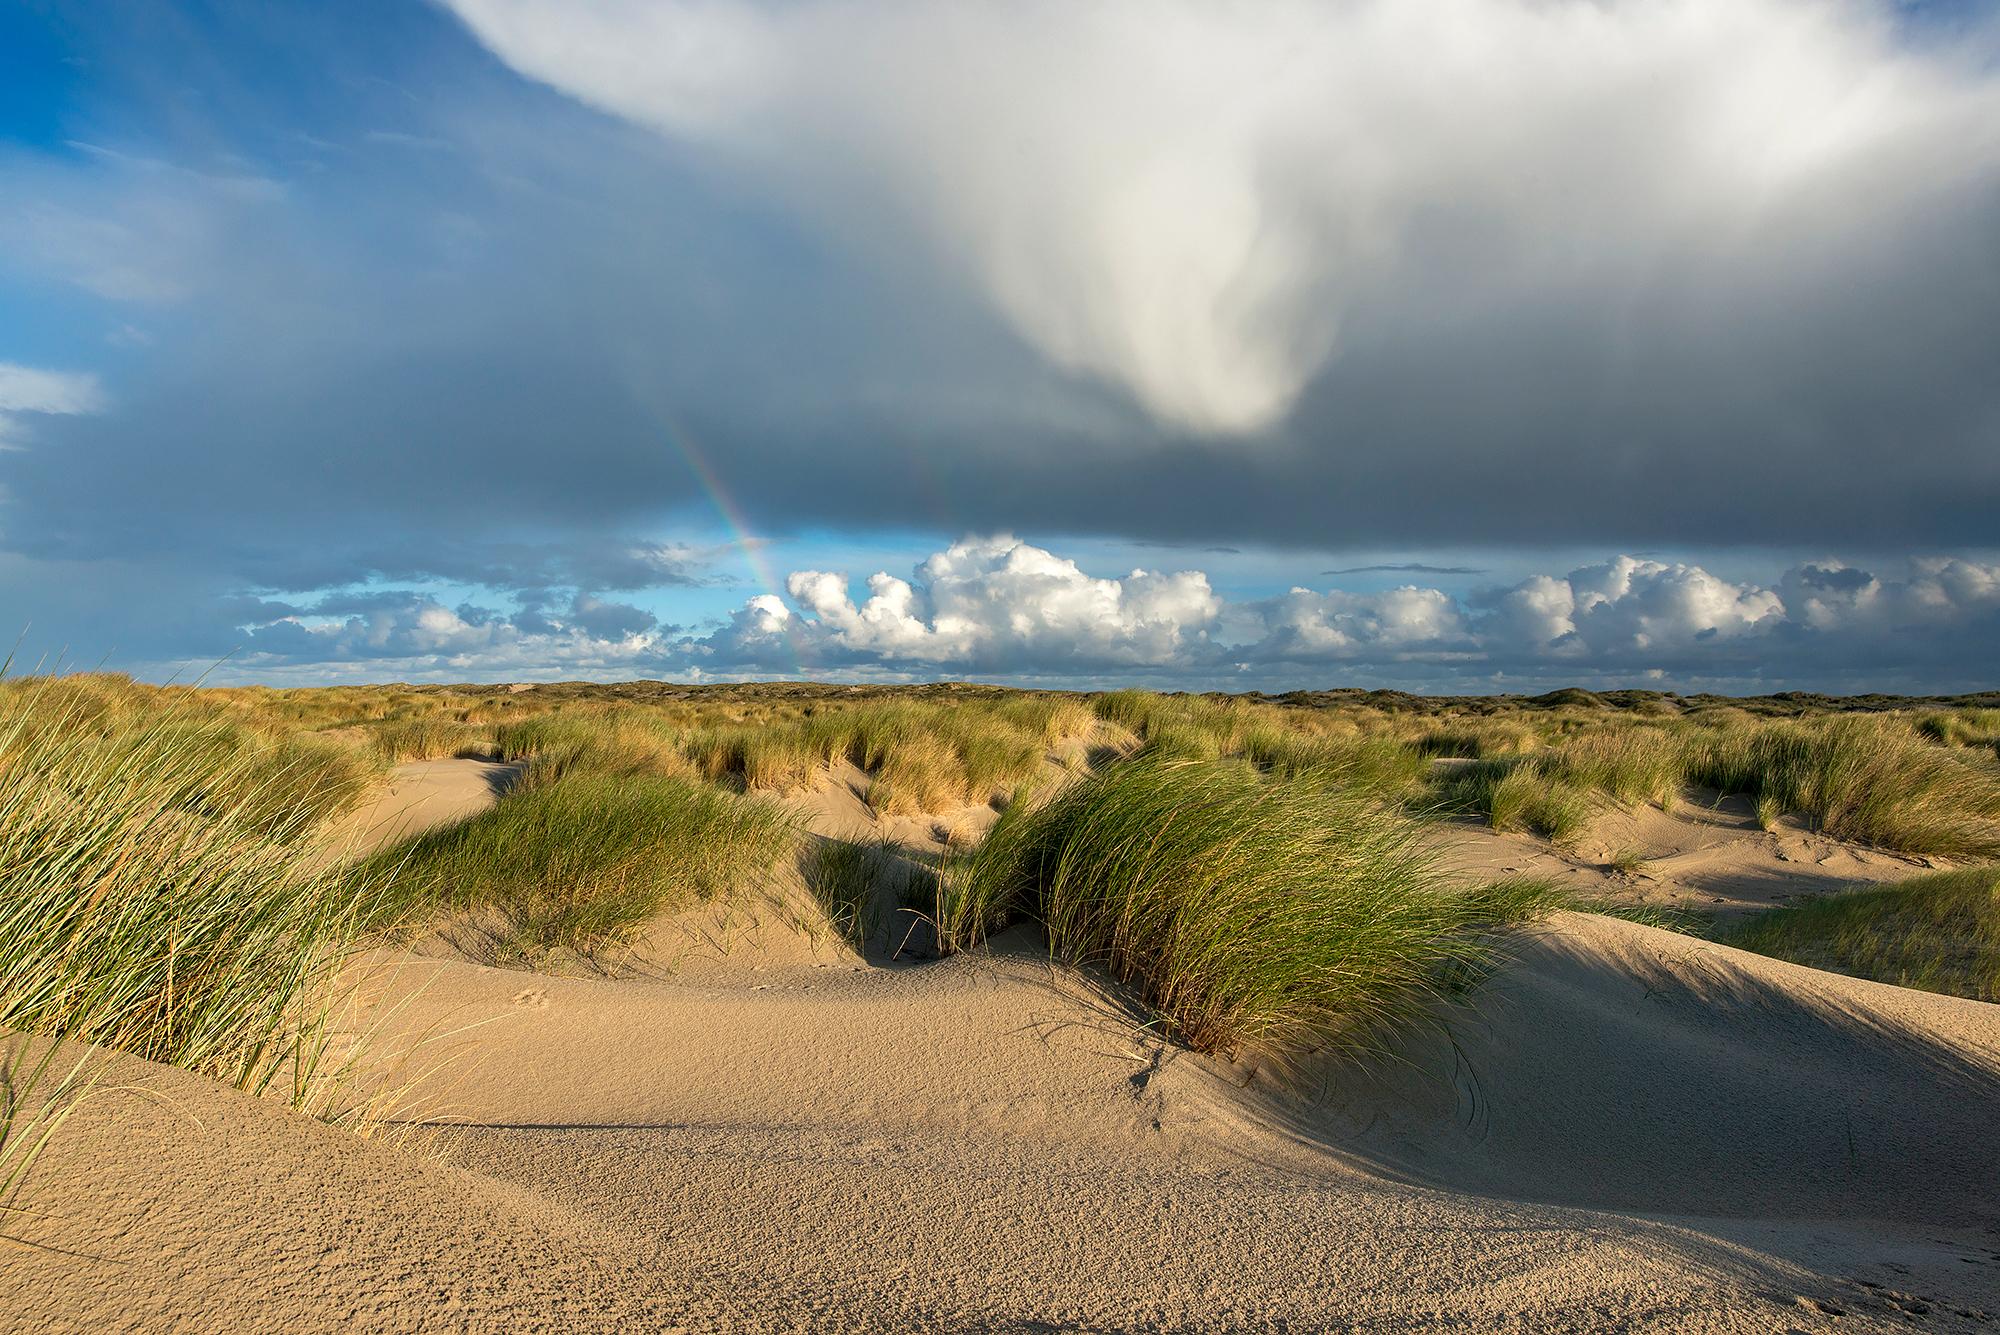 Grote wolk van regenbui boven wuivend helmgras in de zeeduinen van De Hors op het zuidpunt van Waddeneiland Texel